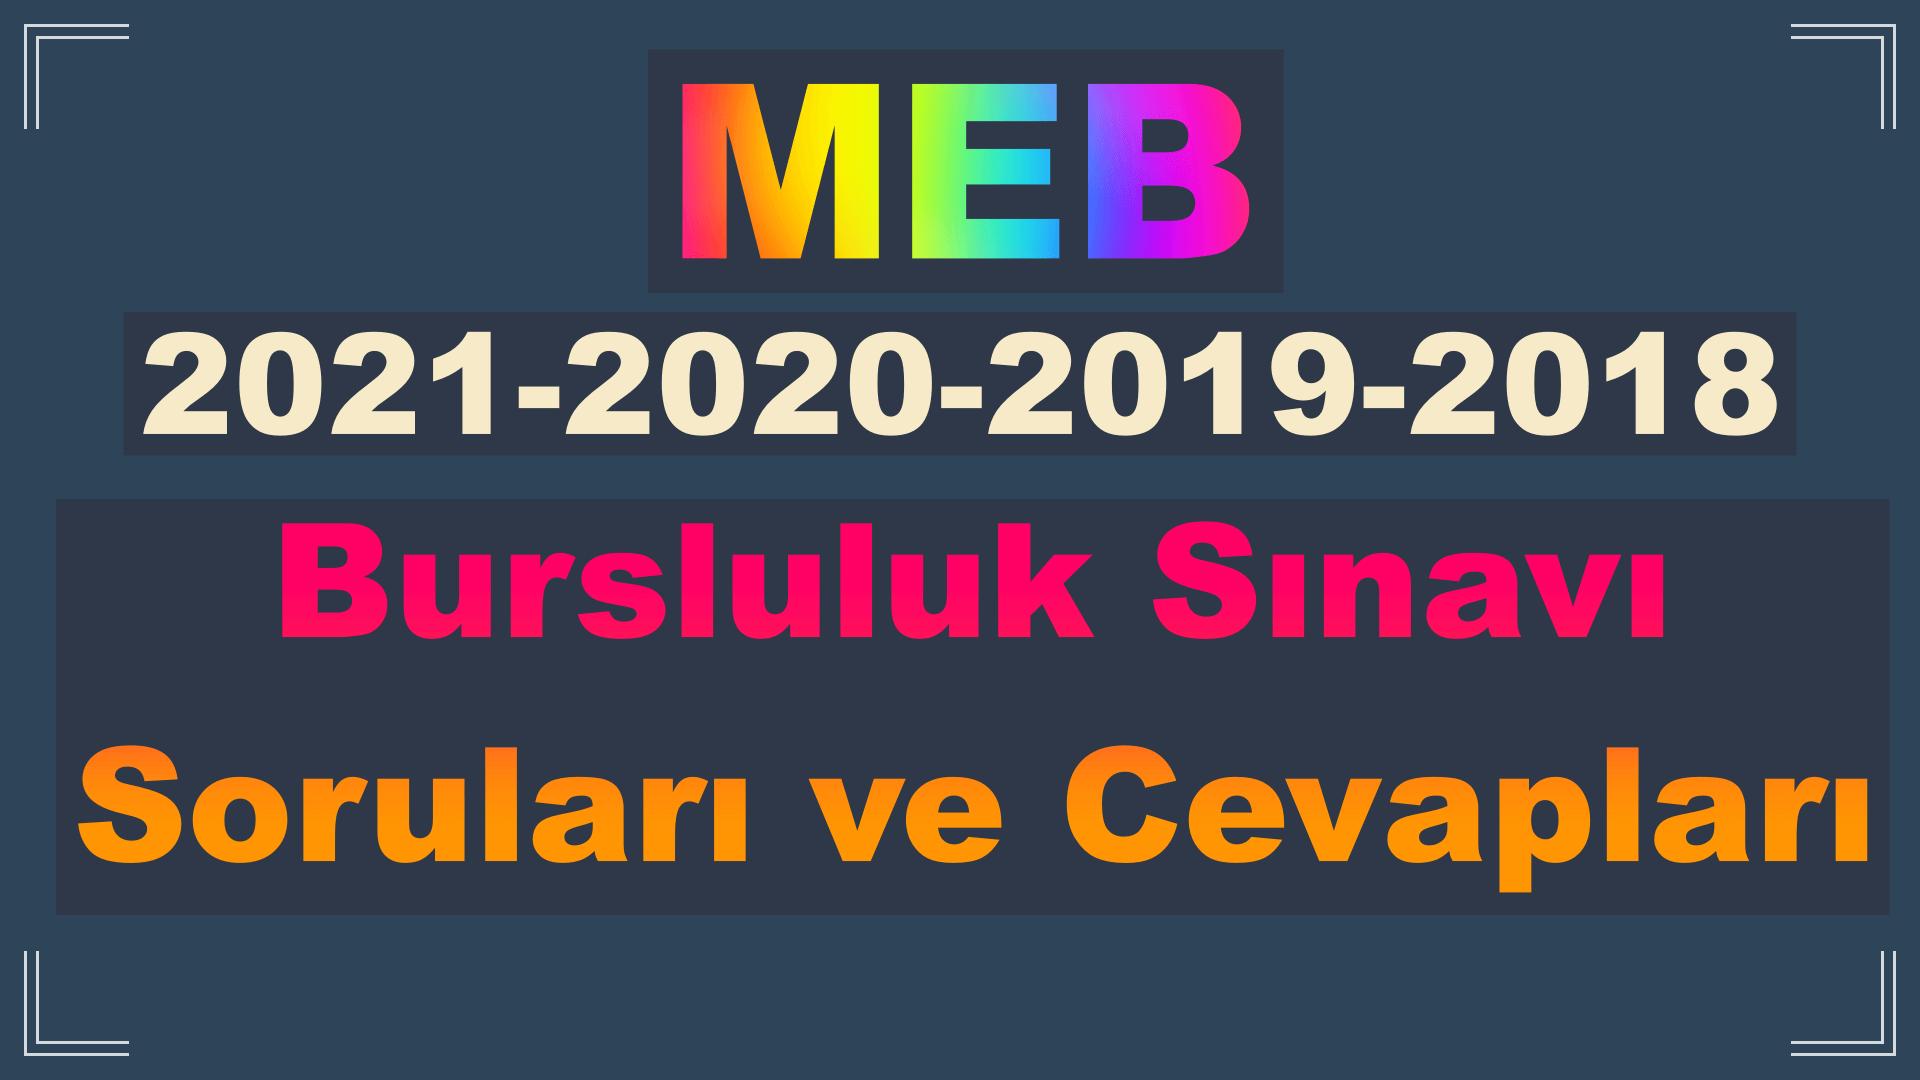 Bursluluk Sınavı Soruları ve Cevapları MEB 2021-2020-2019-2018